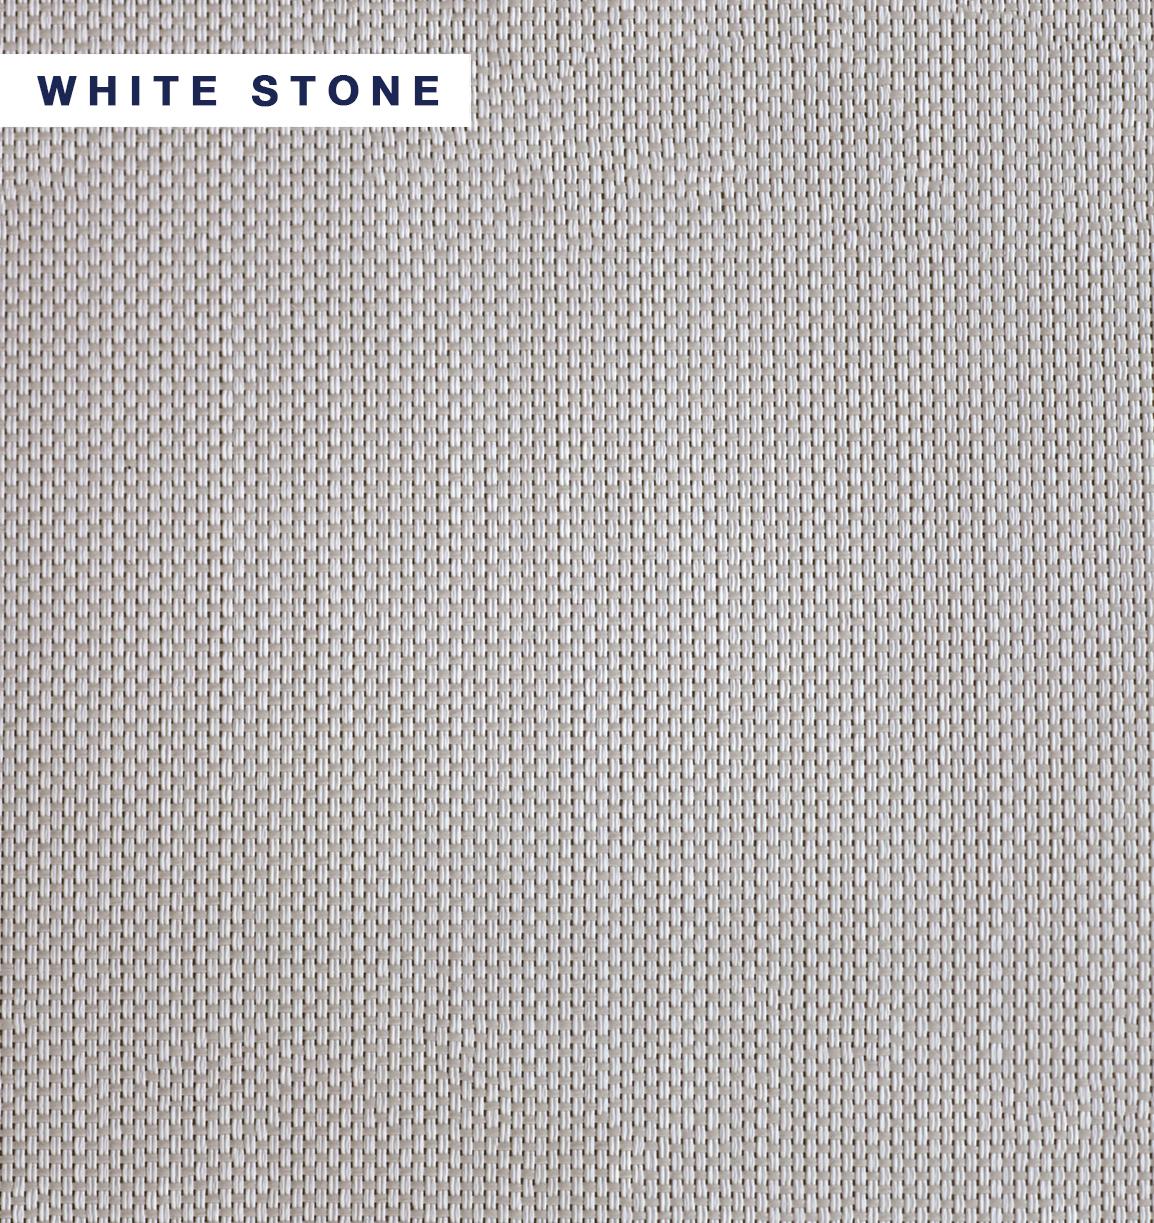 Duo Screen - White Stone.jpg